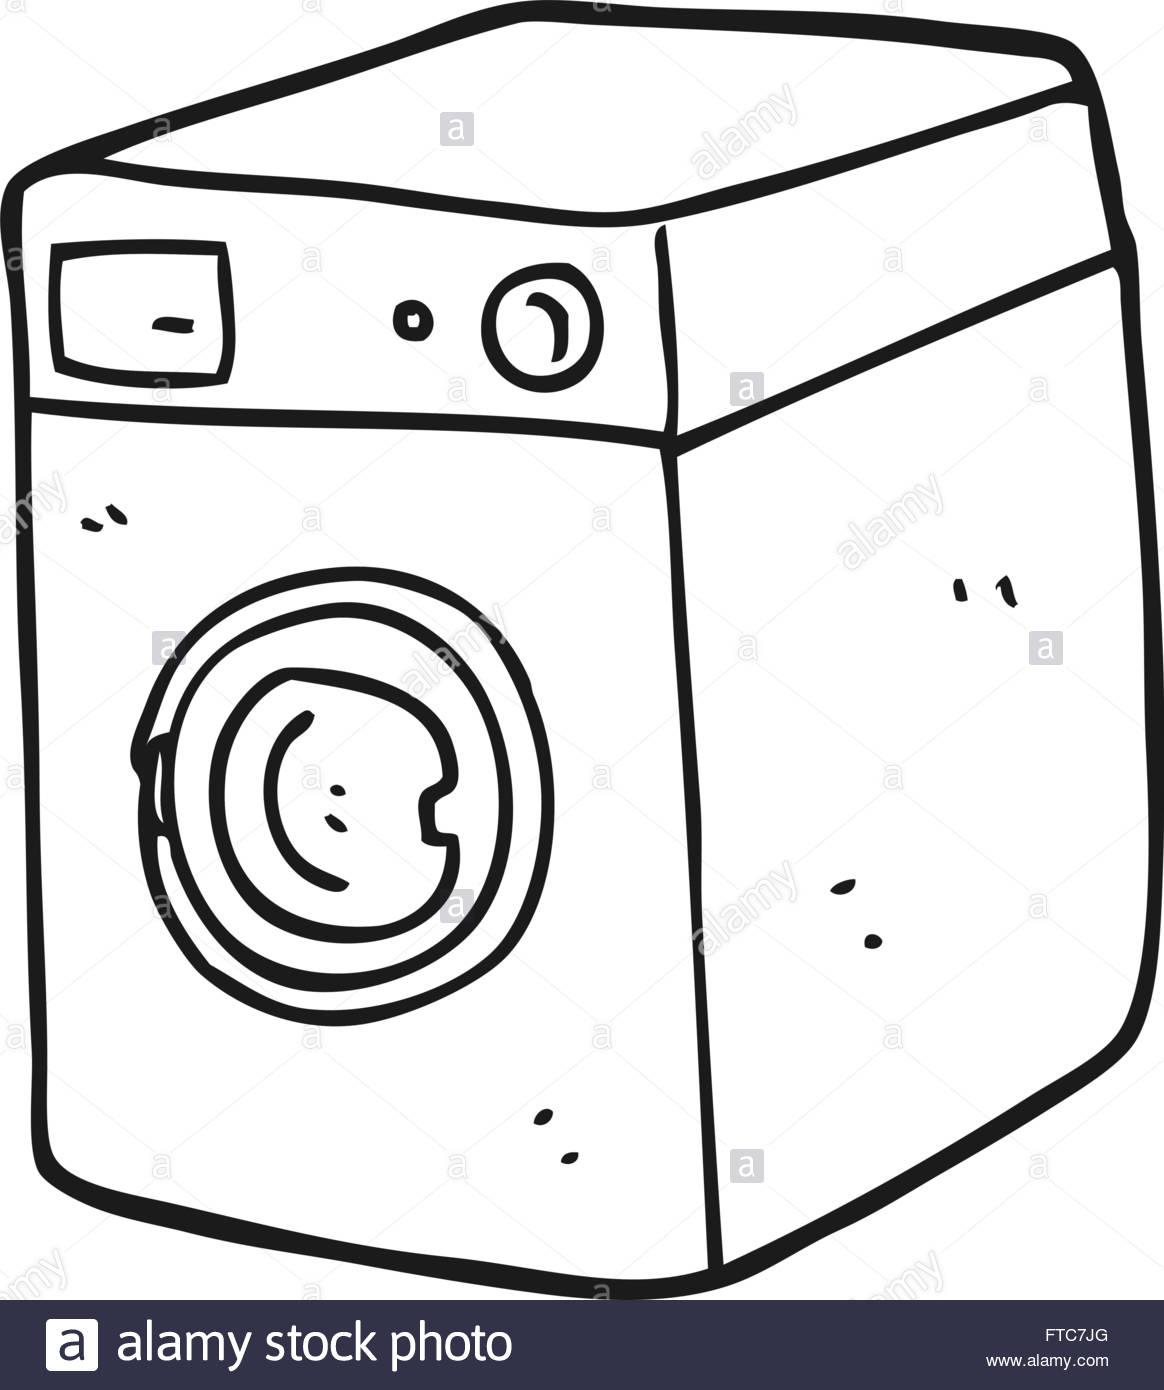 freehand drawn black and white cartoon washing machine Stock.